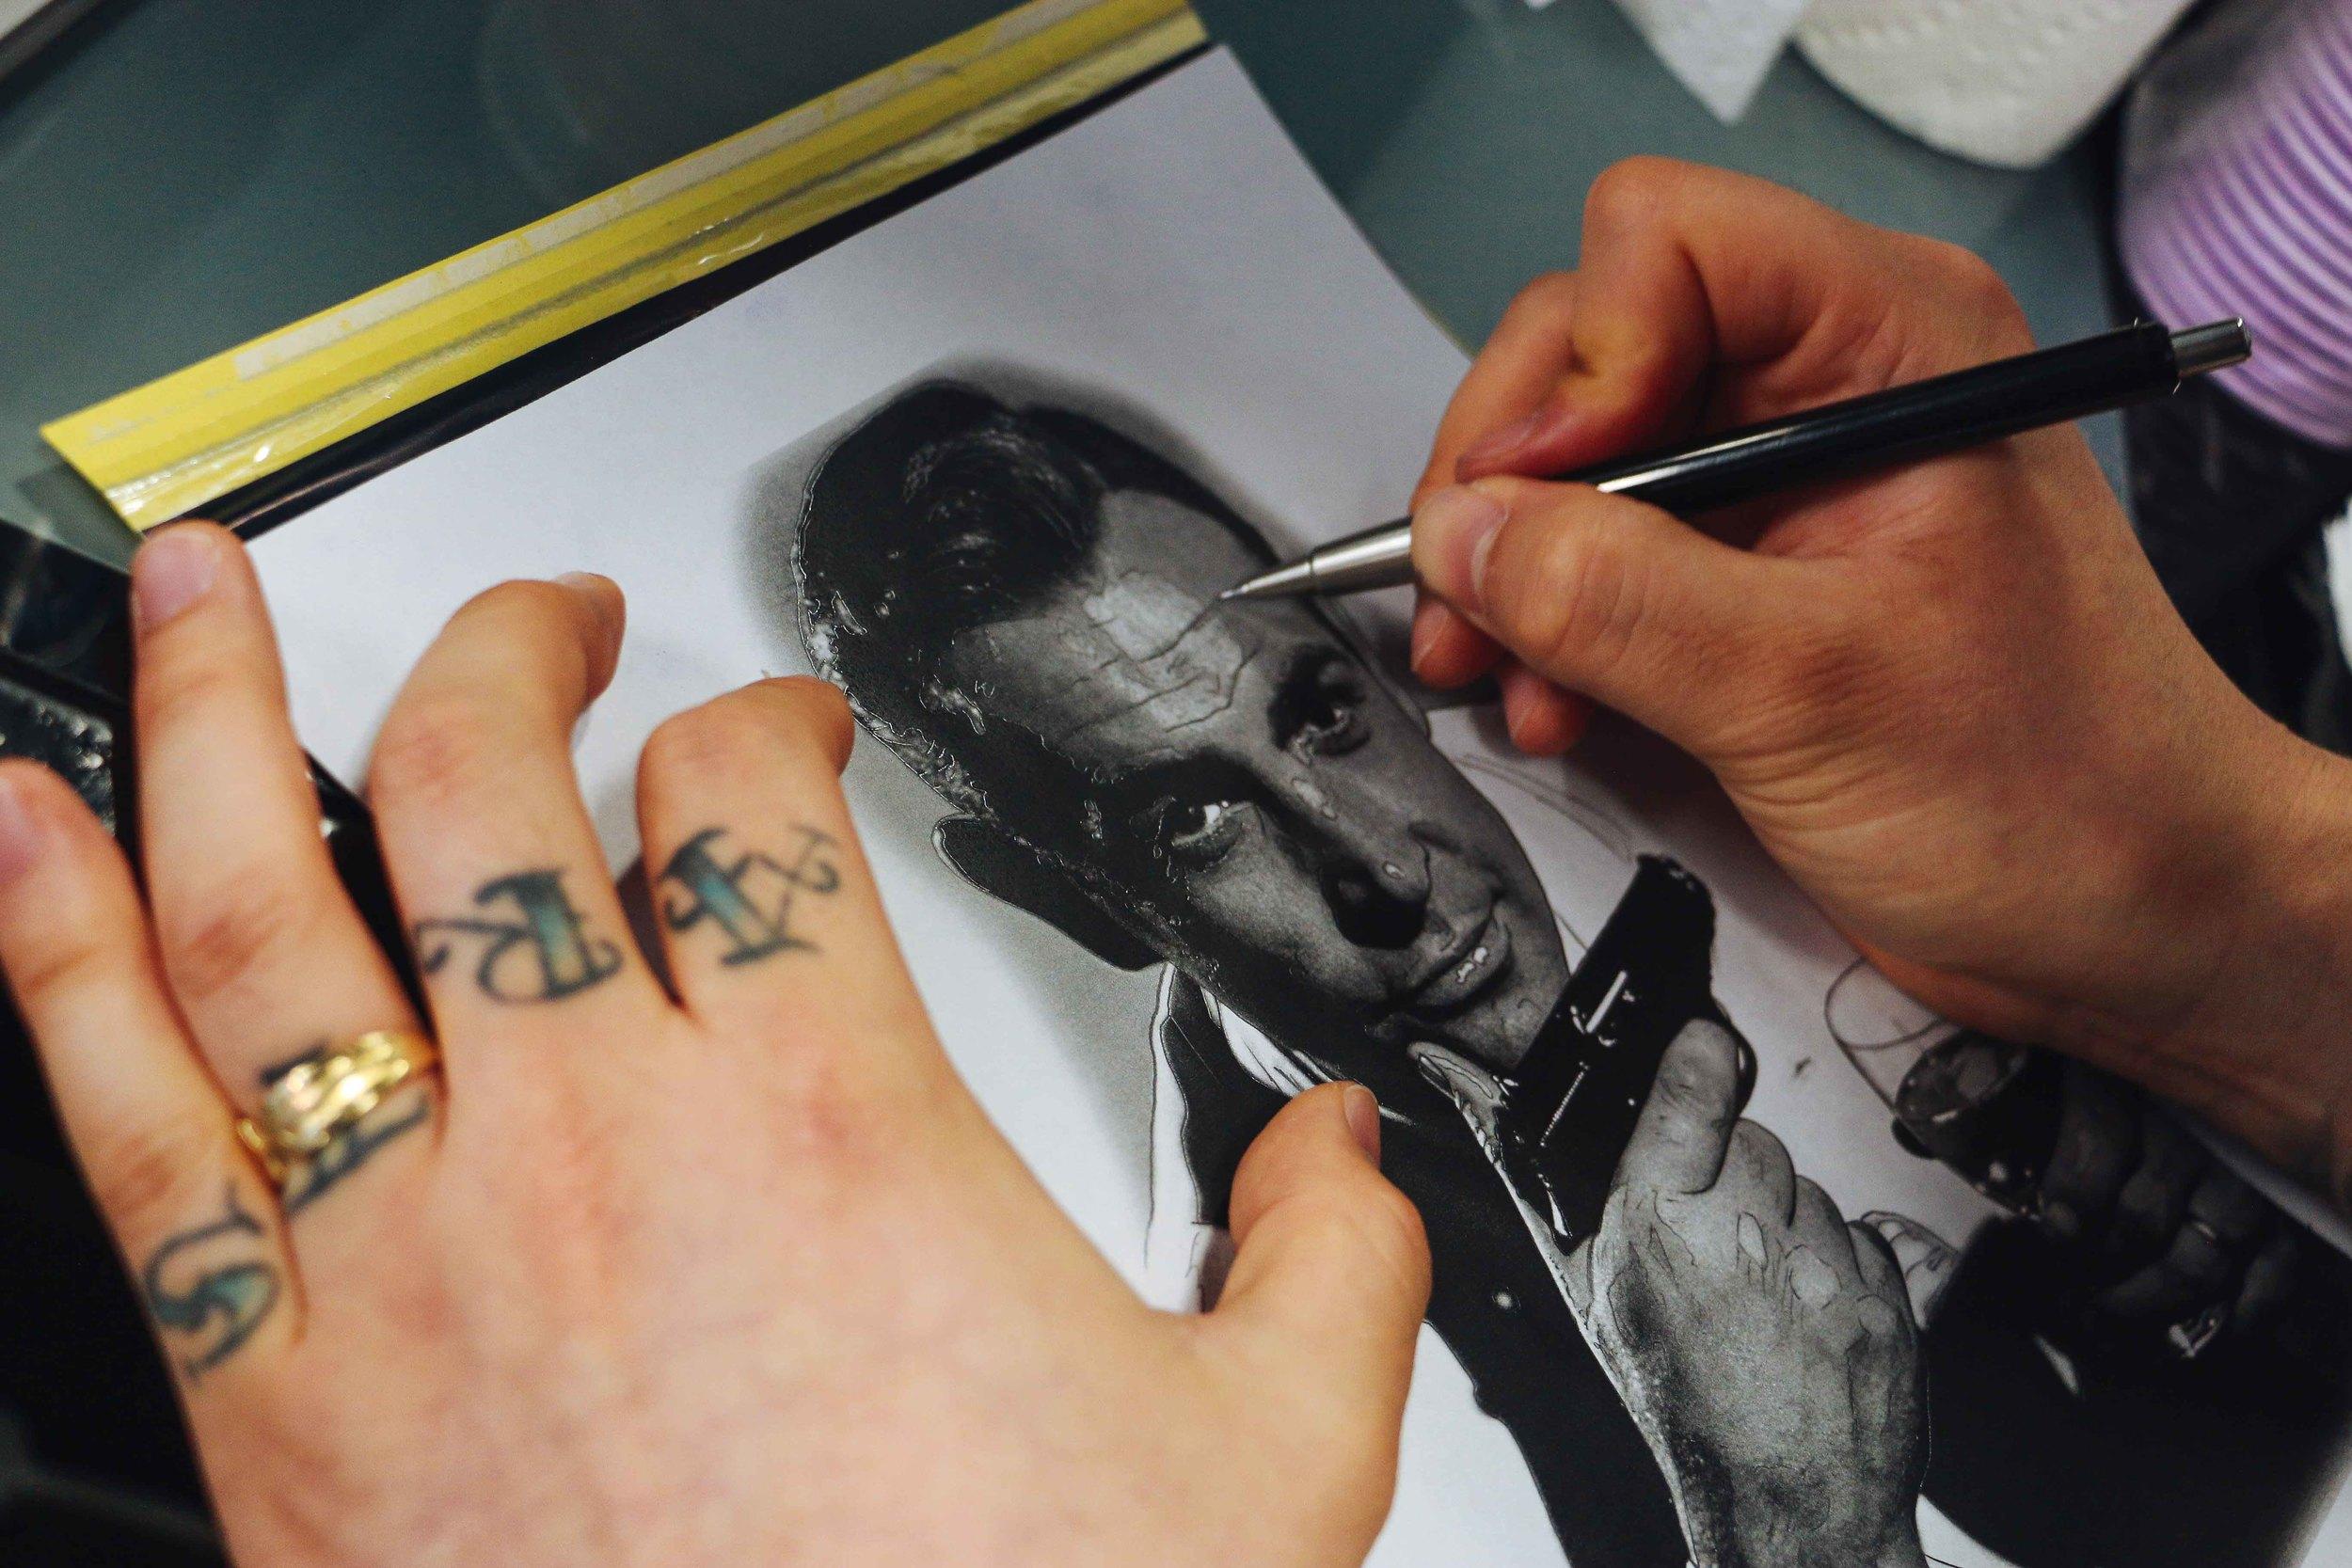 fyink-tattoos-MAY7.jpg